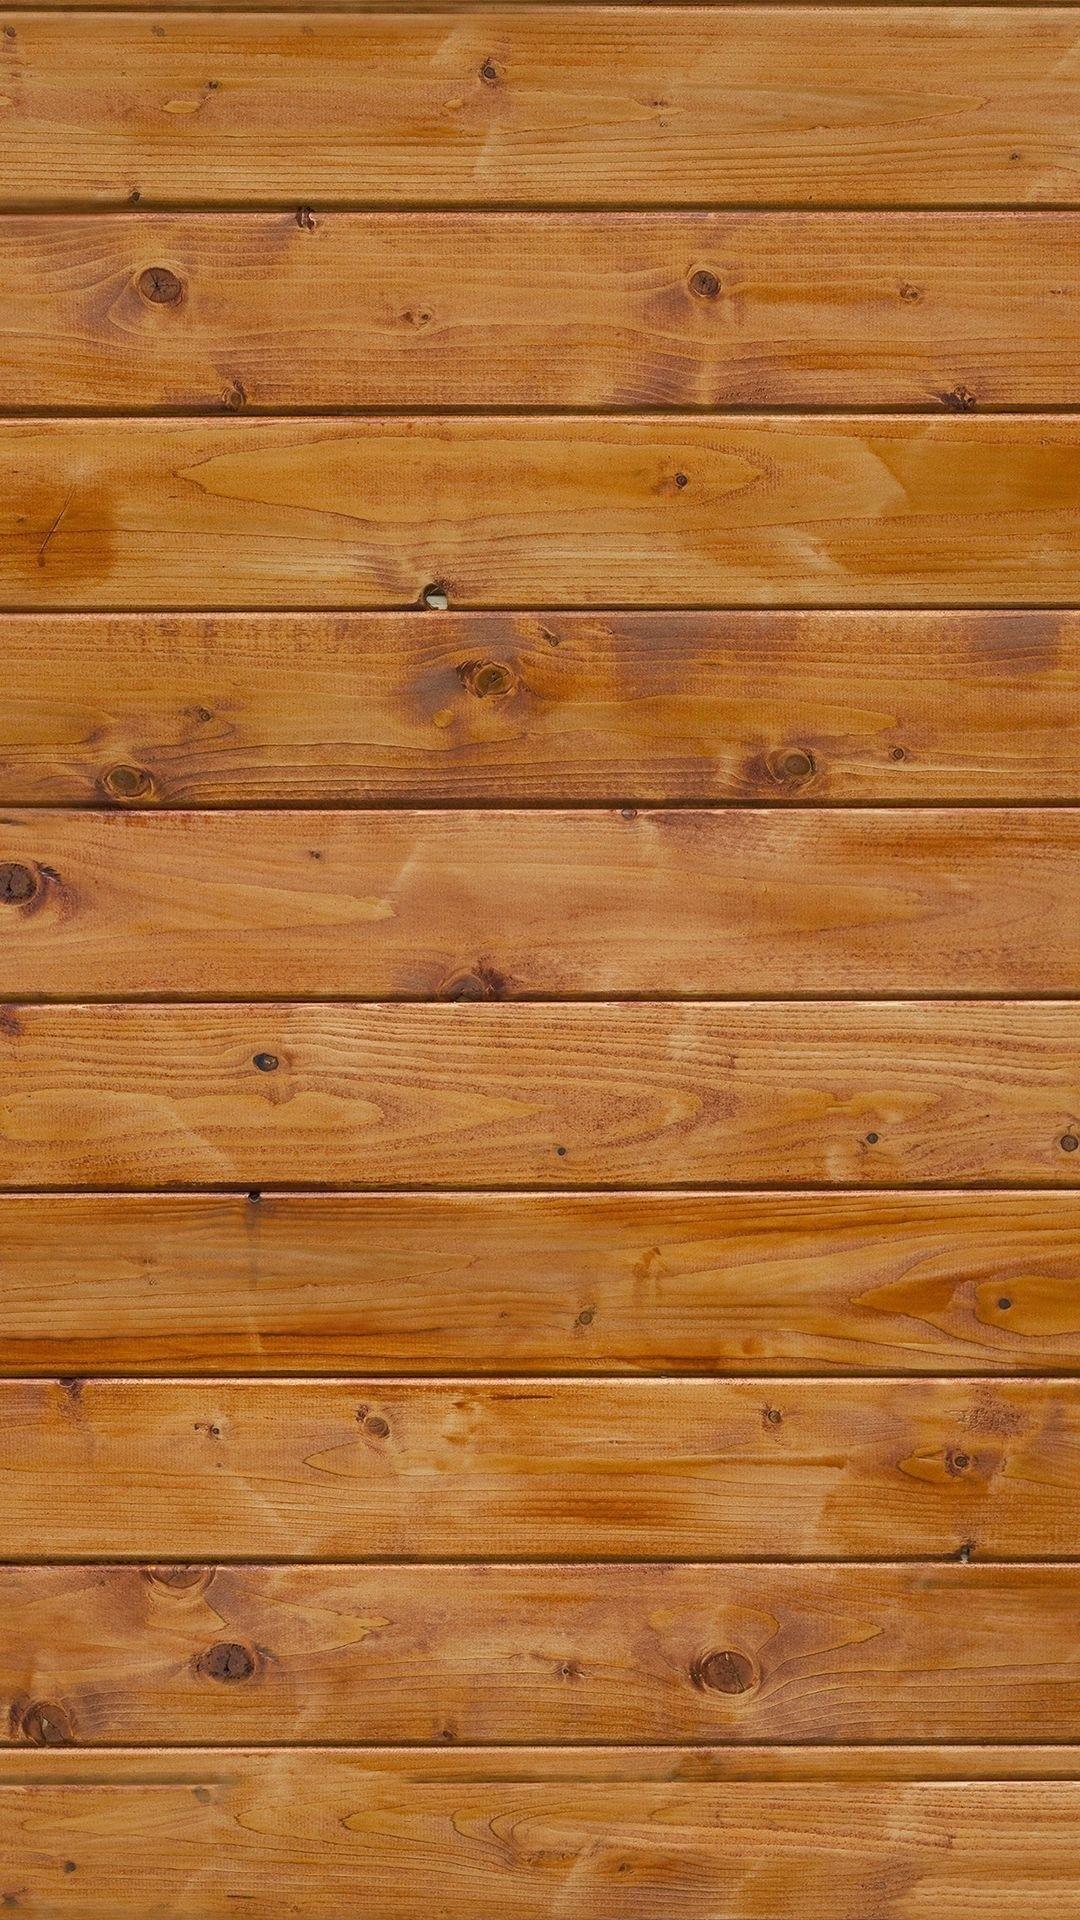 Wood lock screen wallpaper